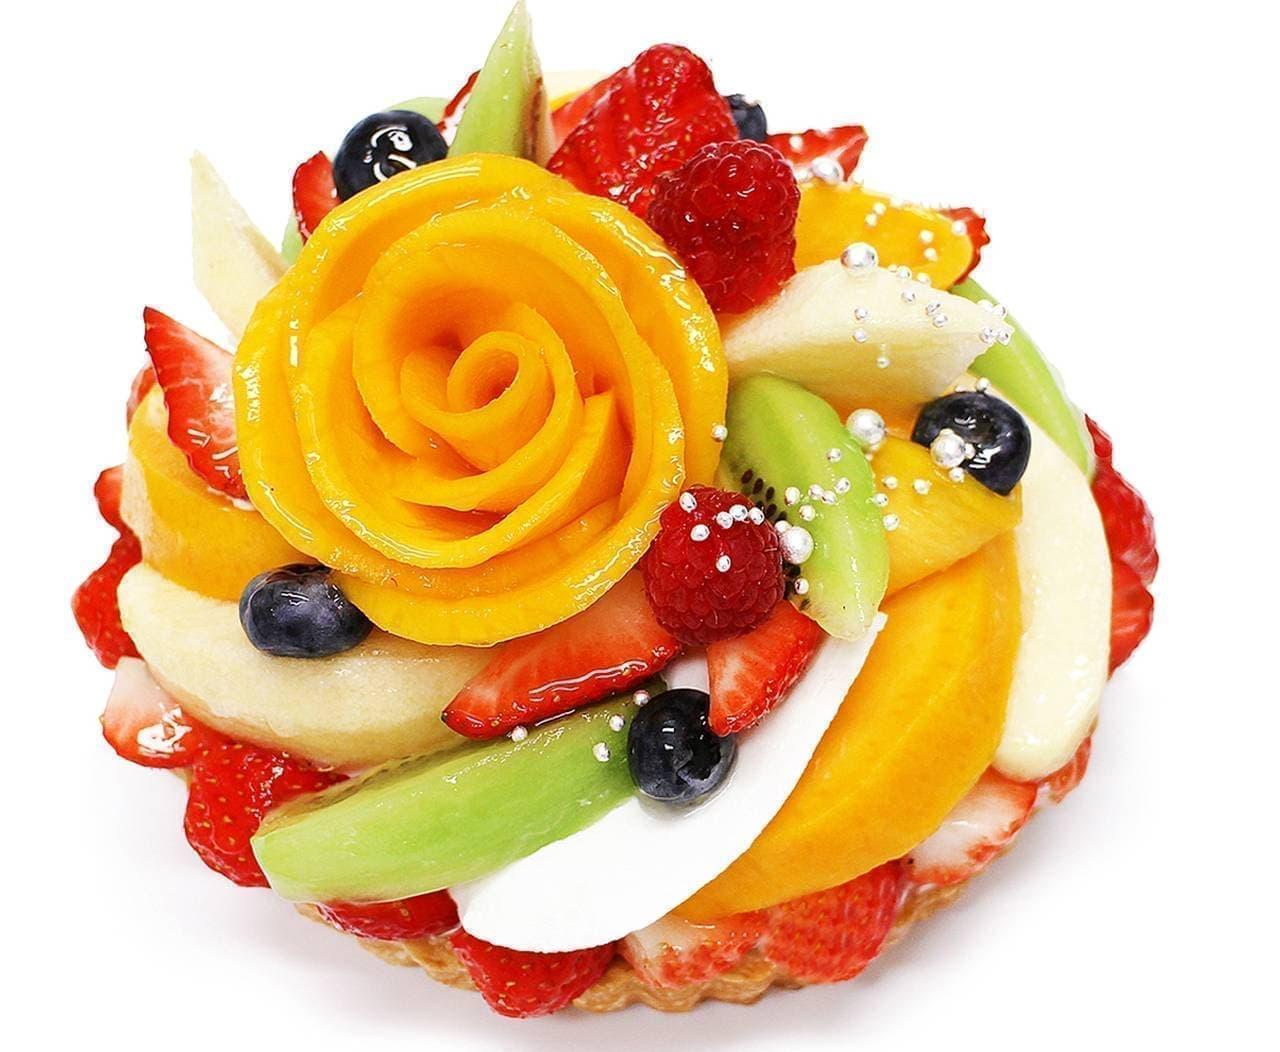 カフェコムサ「マンゴーローズと彩りフルーツのケーキ」